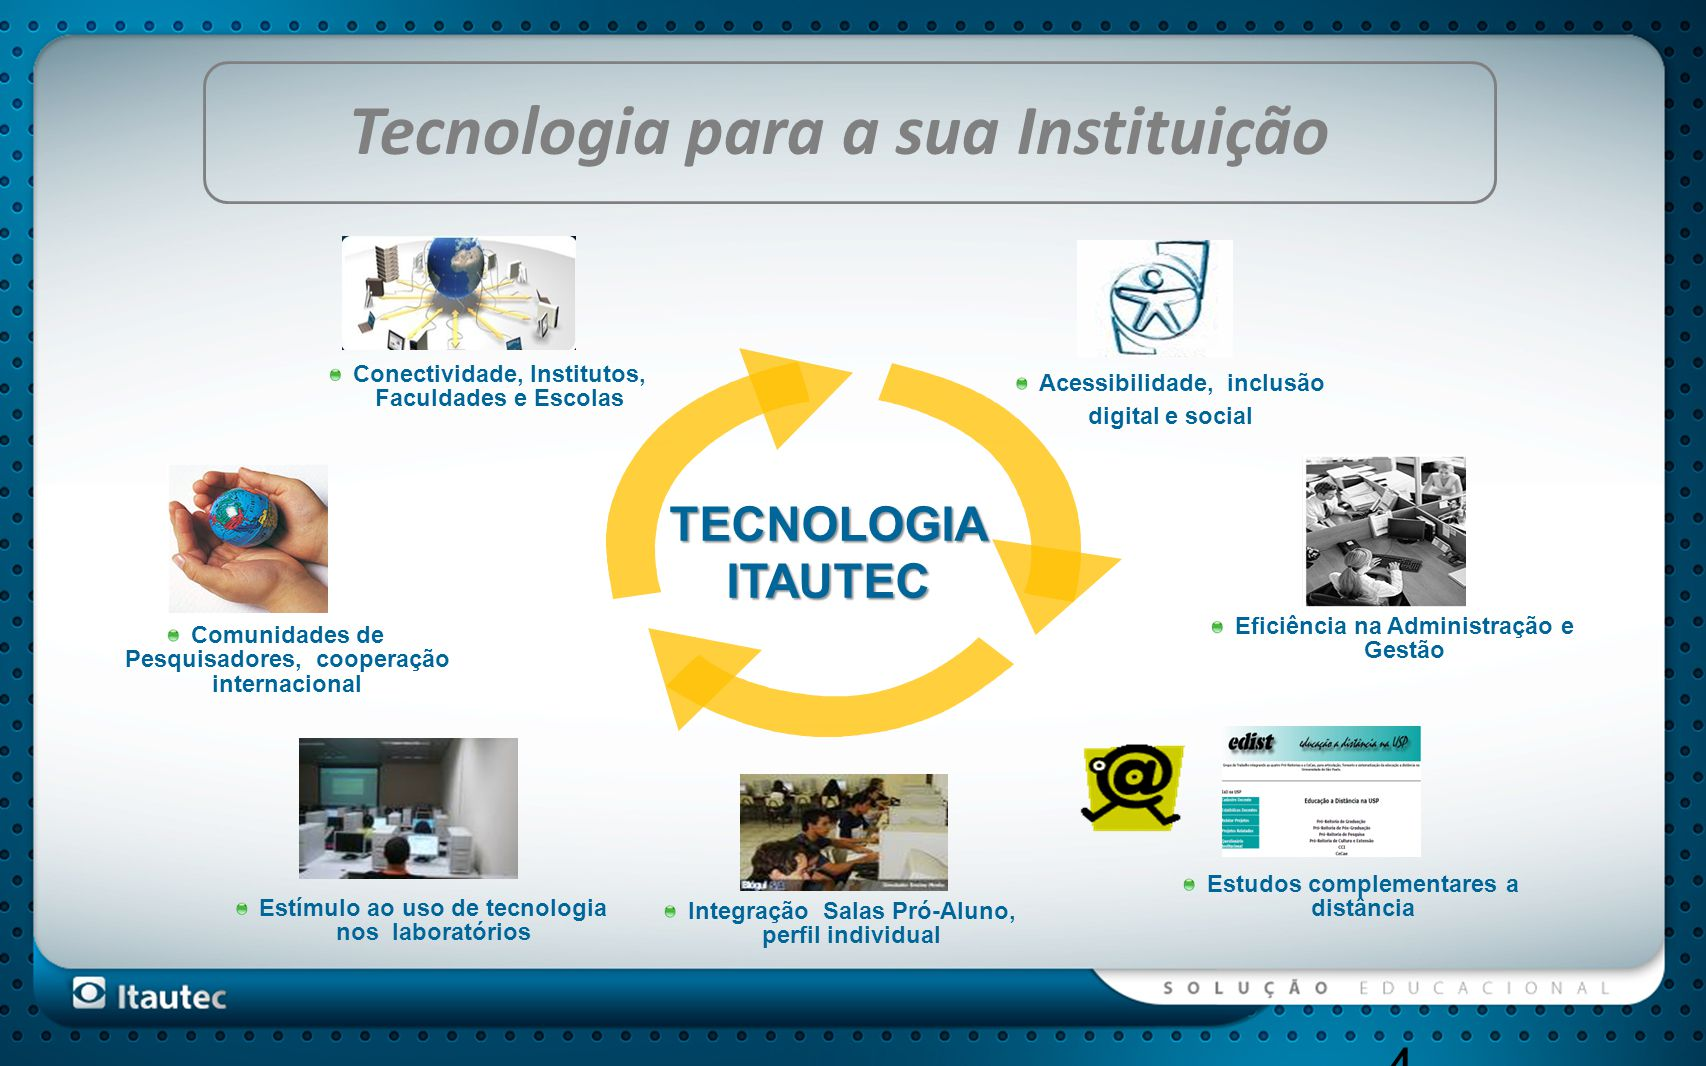 Tecnologia para a sua Instituição